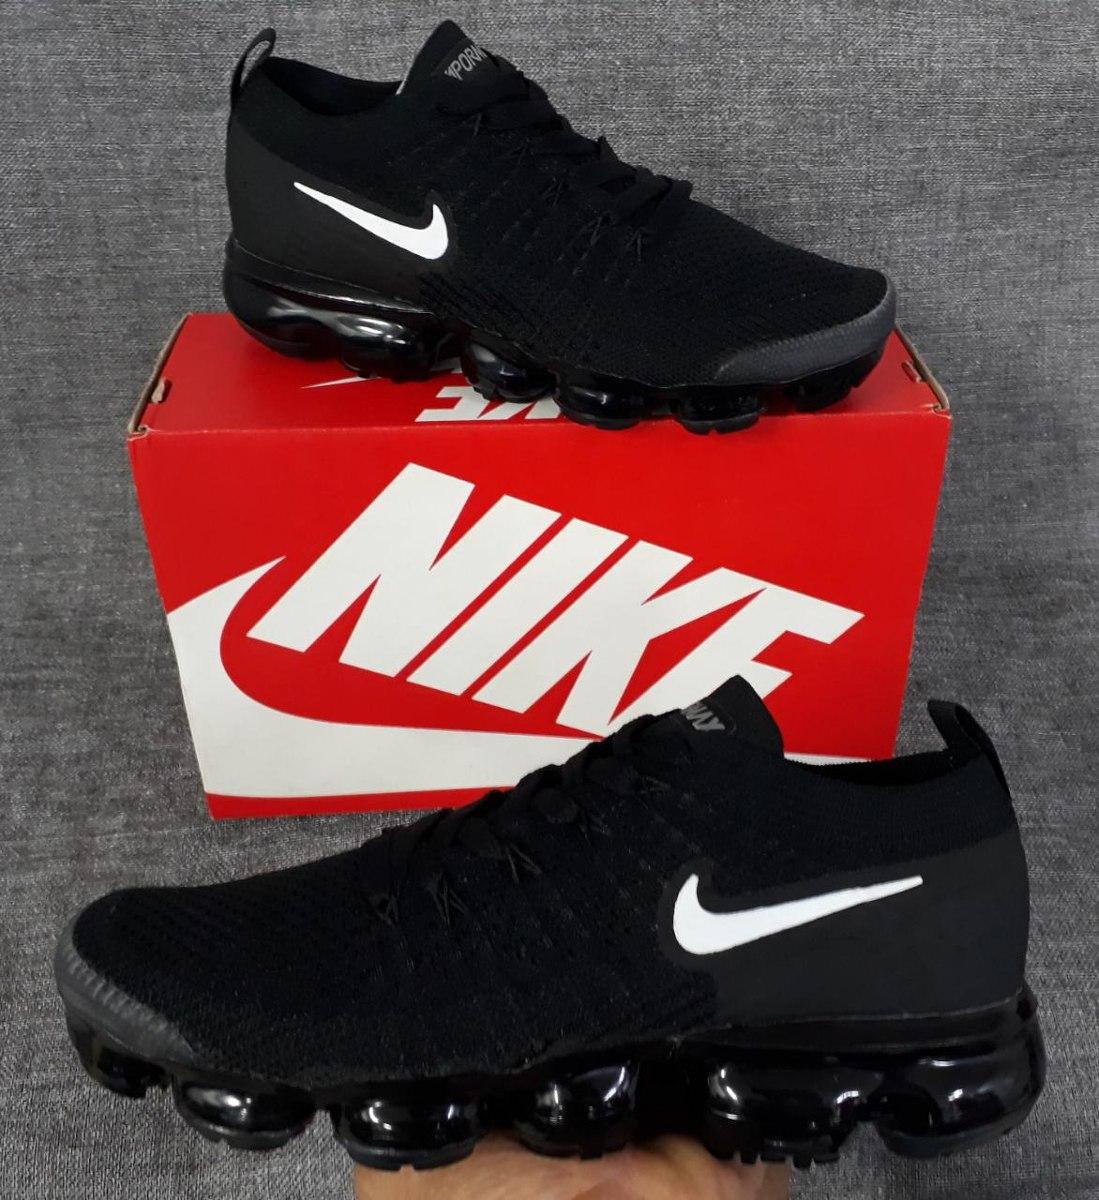 7b7197fdfbf Zapatillas Nike Economicas -   160.000 en Mercado Libre